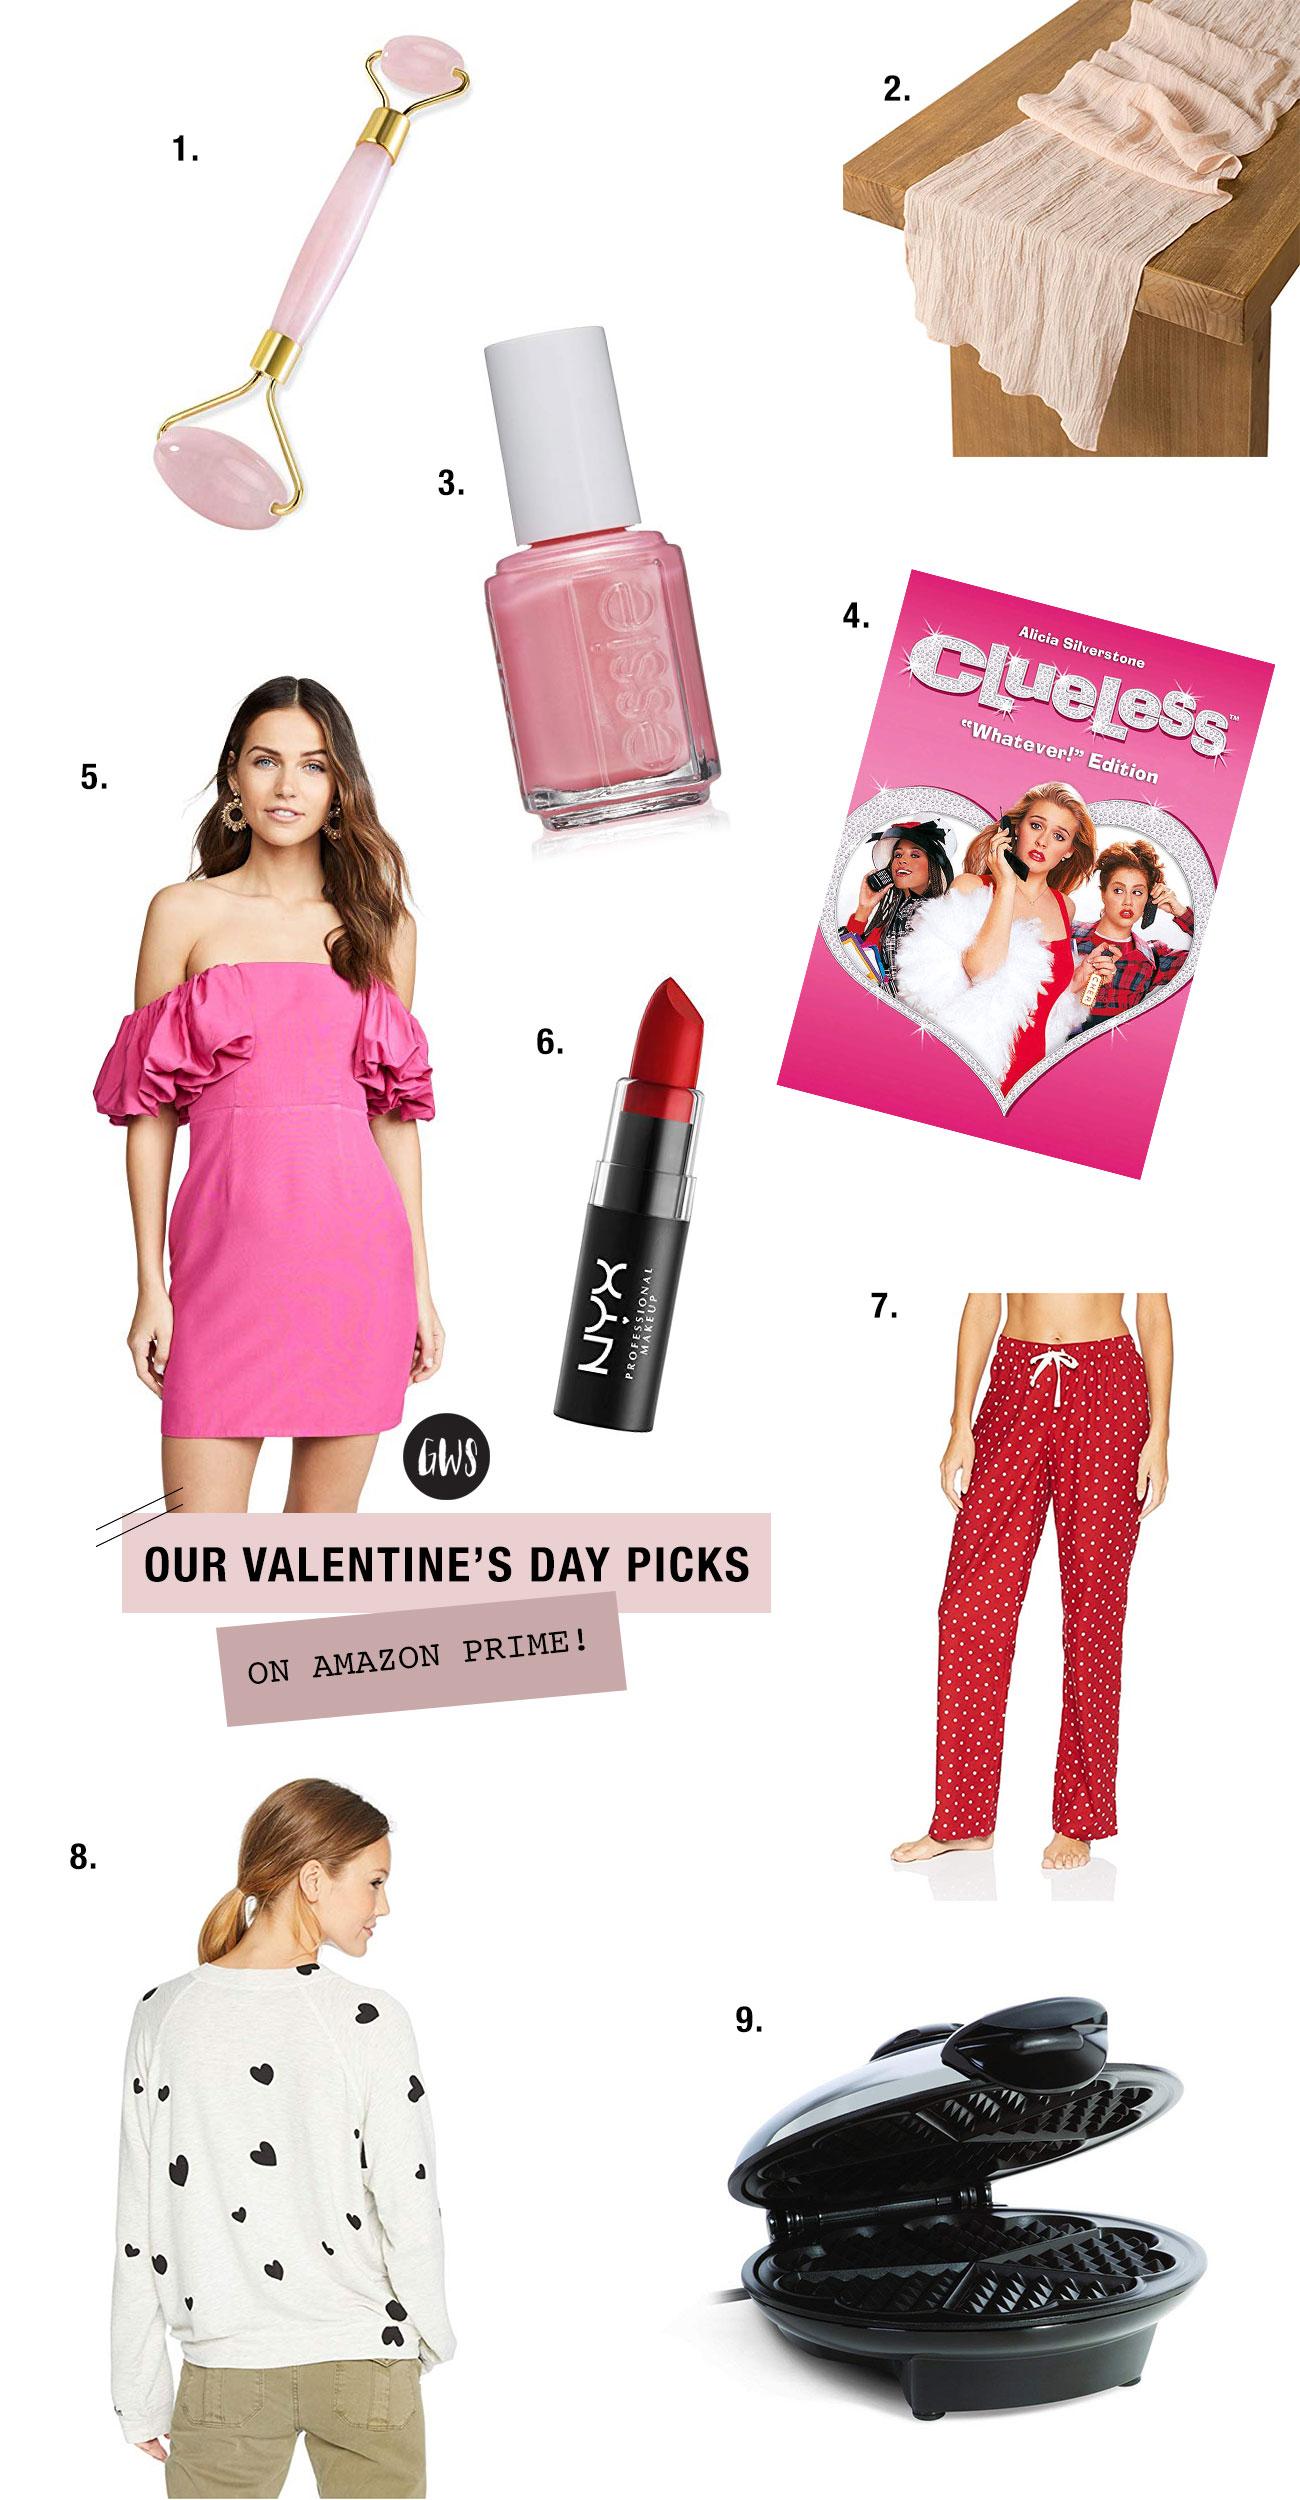 Valentine's Day Amazon Prime Picks